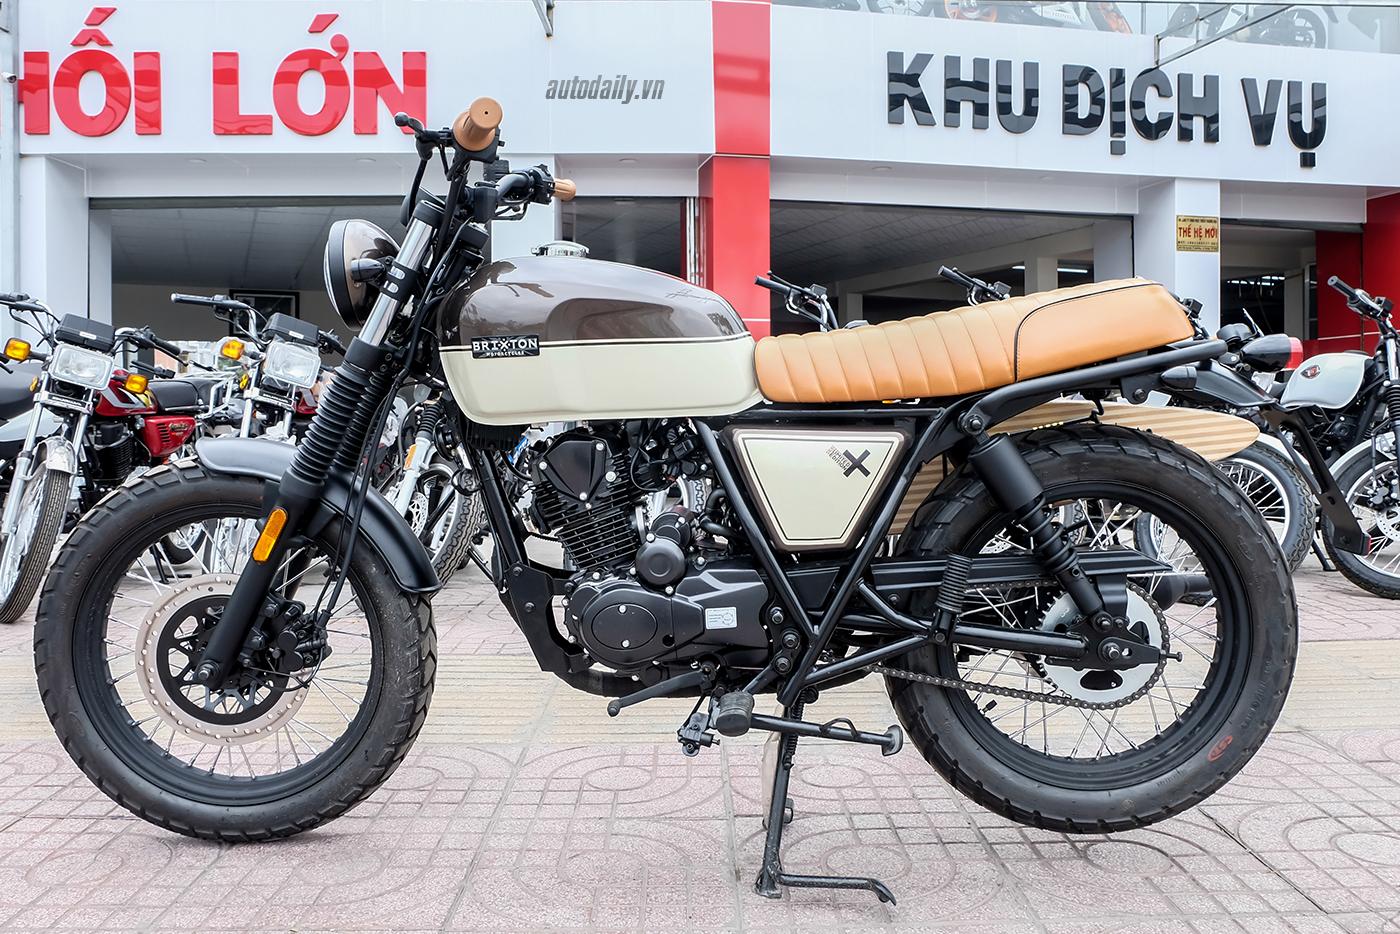 brixton-bx-150-classic-ltd-2.jpg